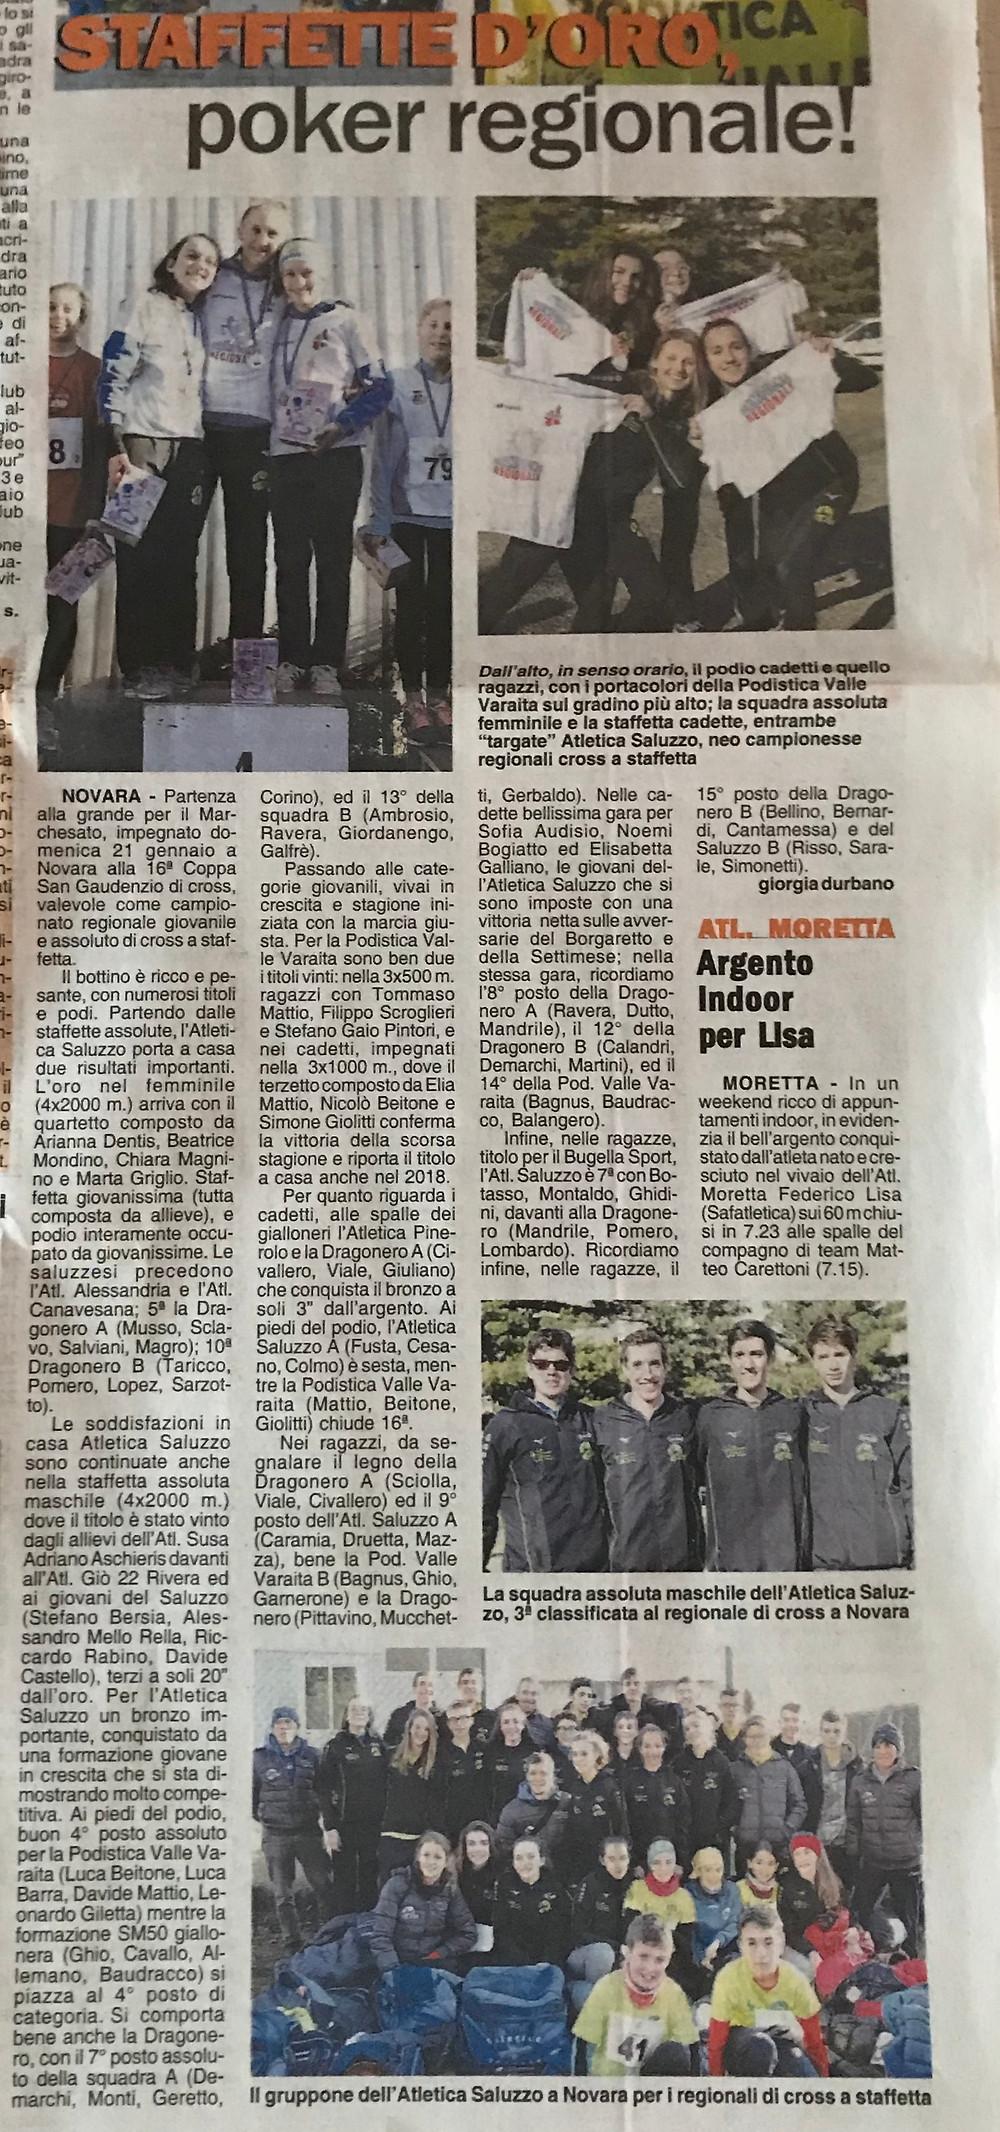 Articolo su Corriere di Saluzzo